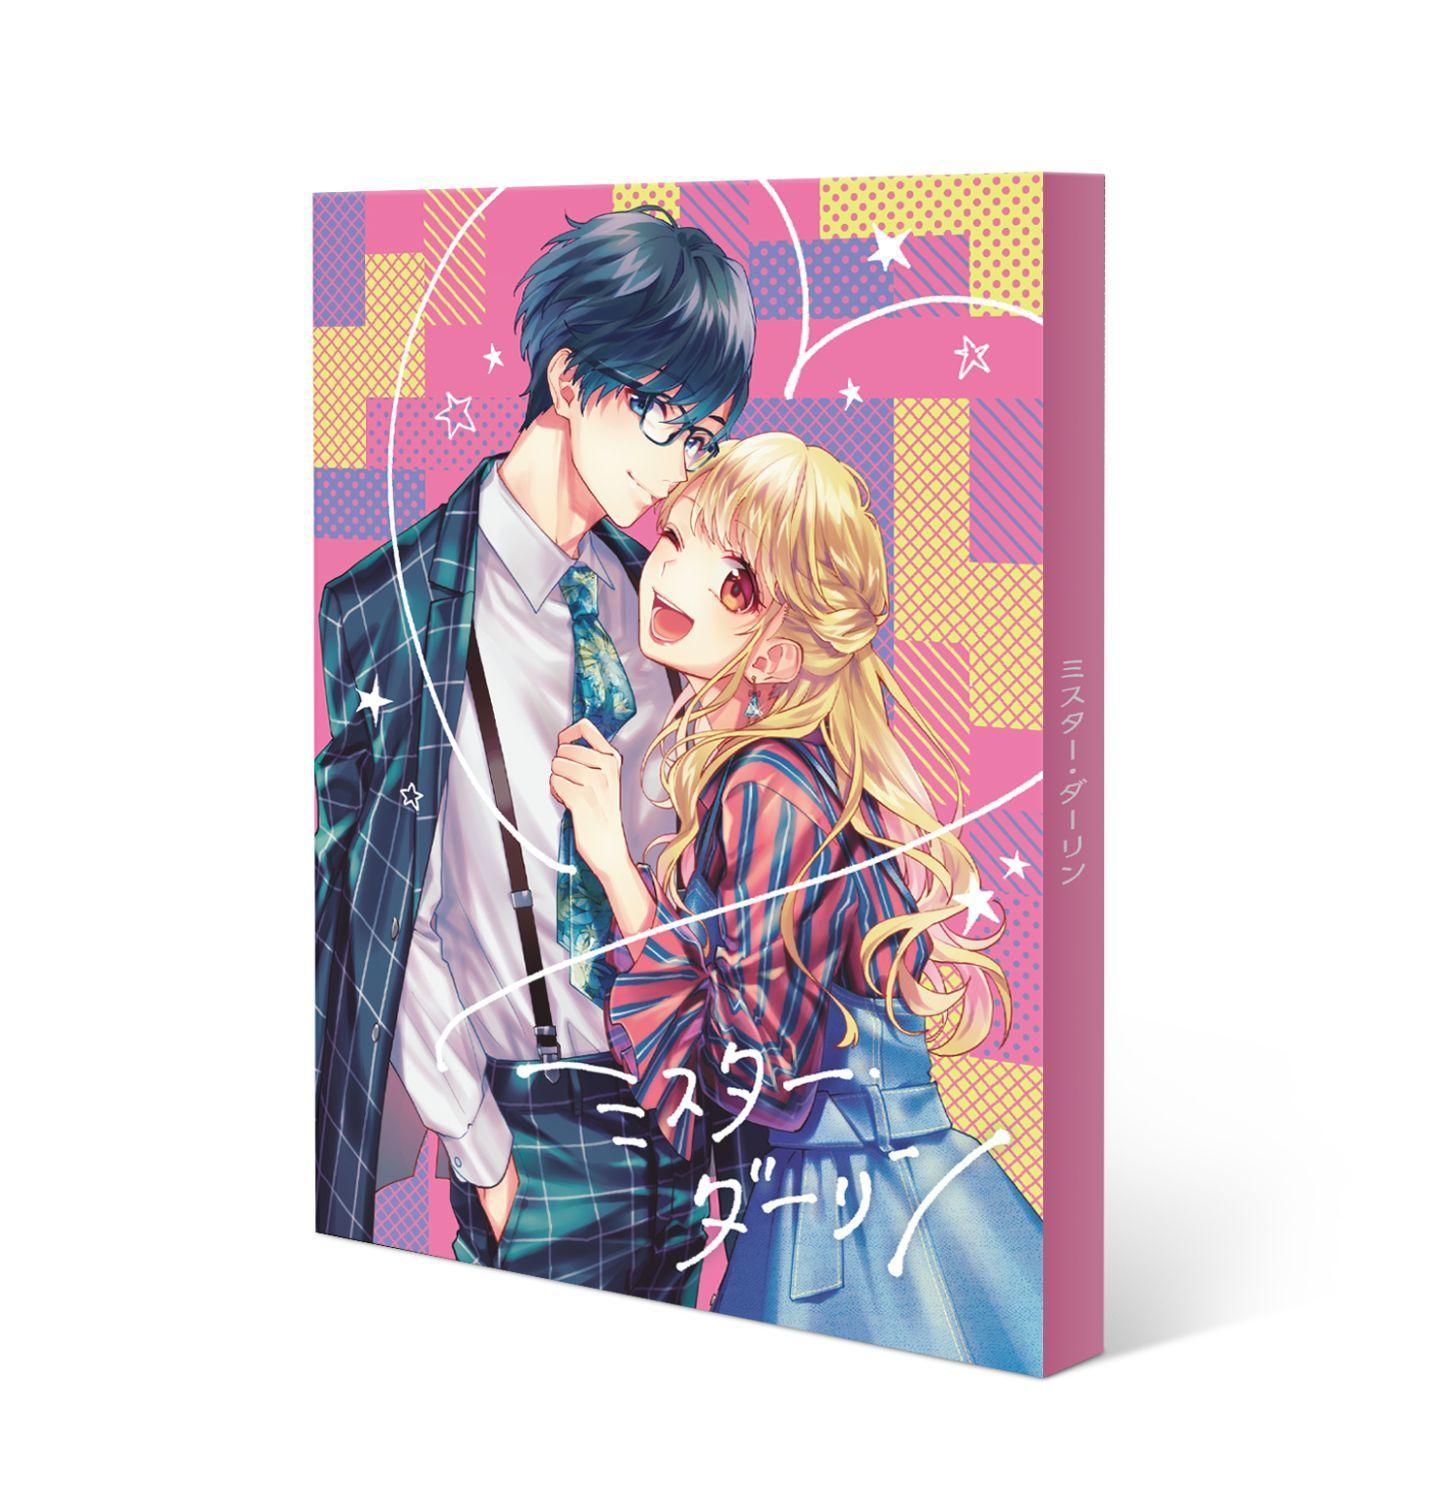 3rdアルバム『瞬く世界に i を揺らせ』初回生産限定盤特典 ライトノベル表紙